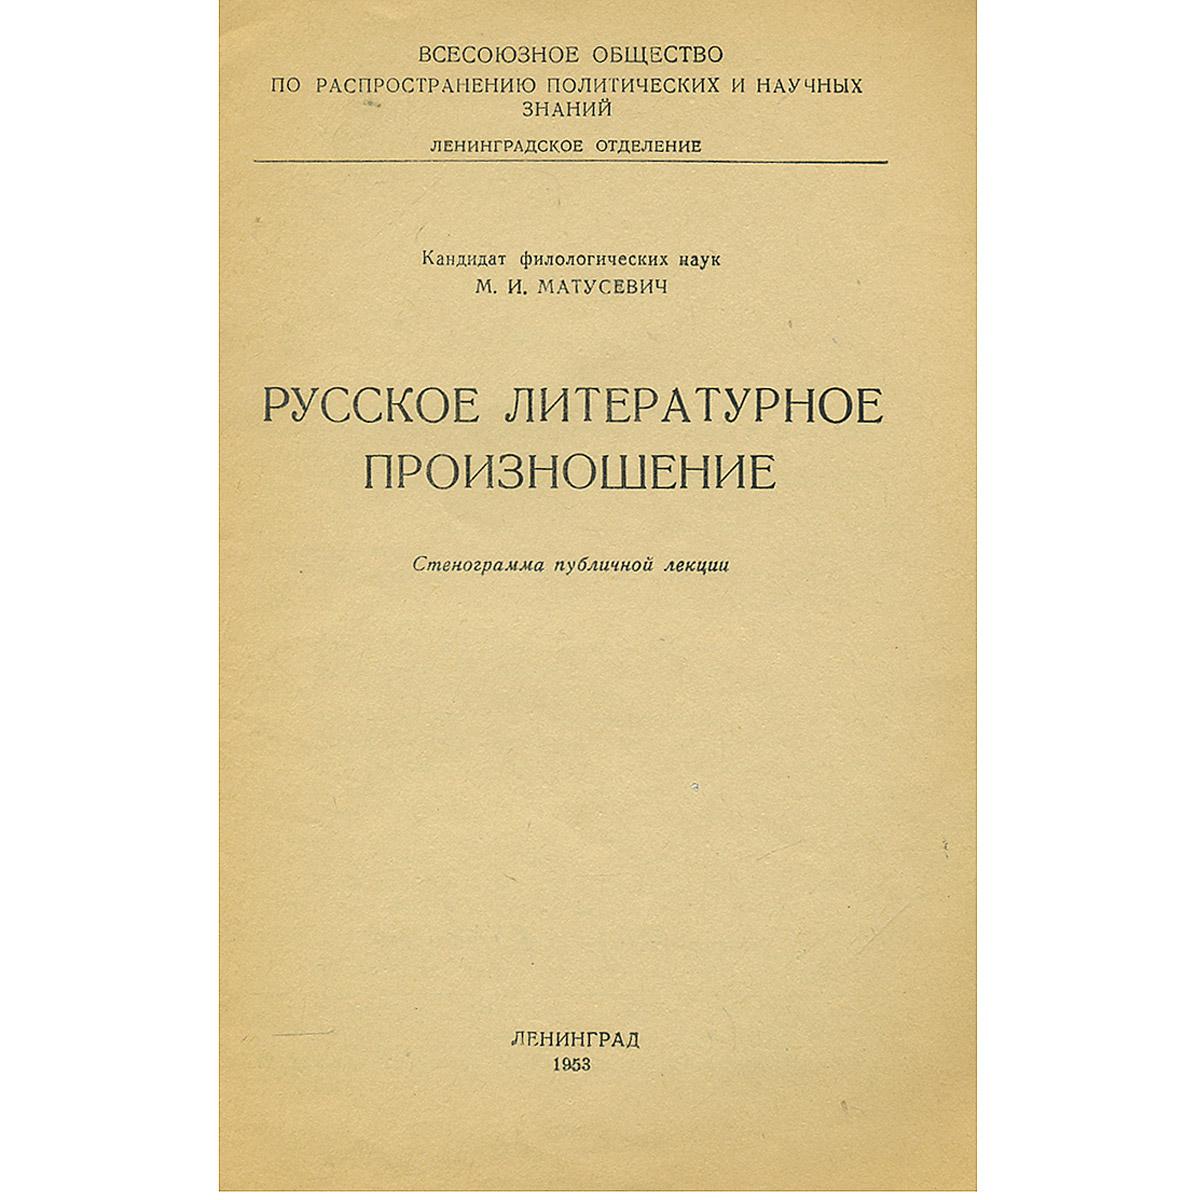 Русское литературное произношение,